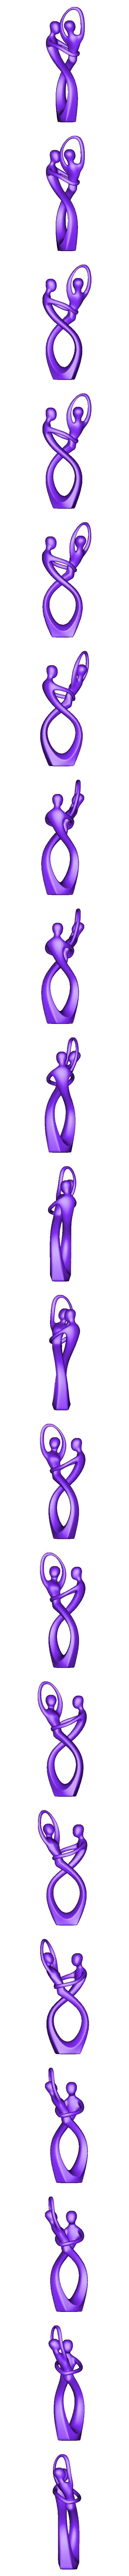 The_Dance_Sculpture.OBJ Download free OBJ file The Dance 3D Model • 3D printer object, DavidG7